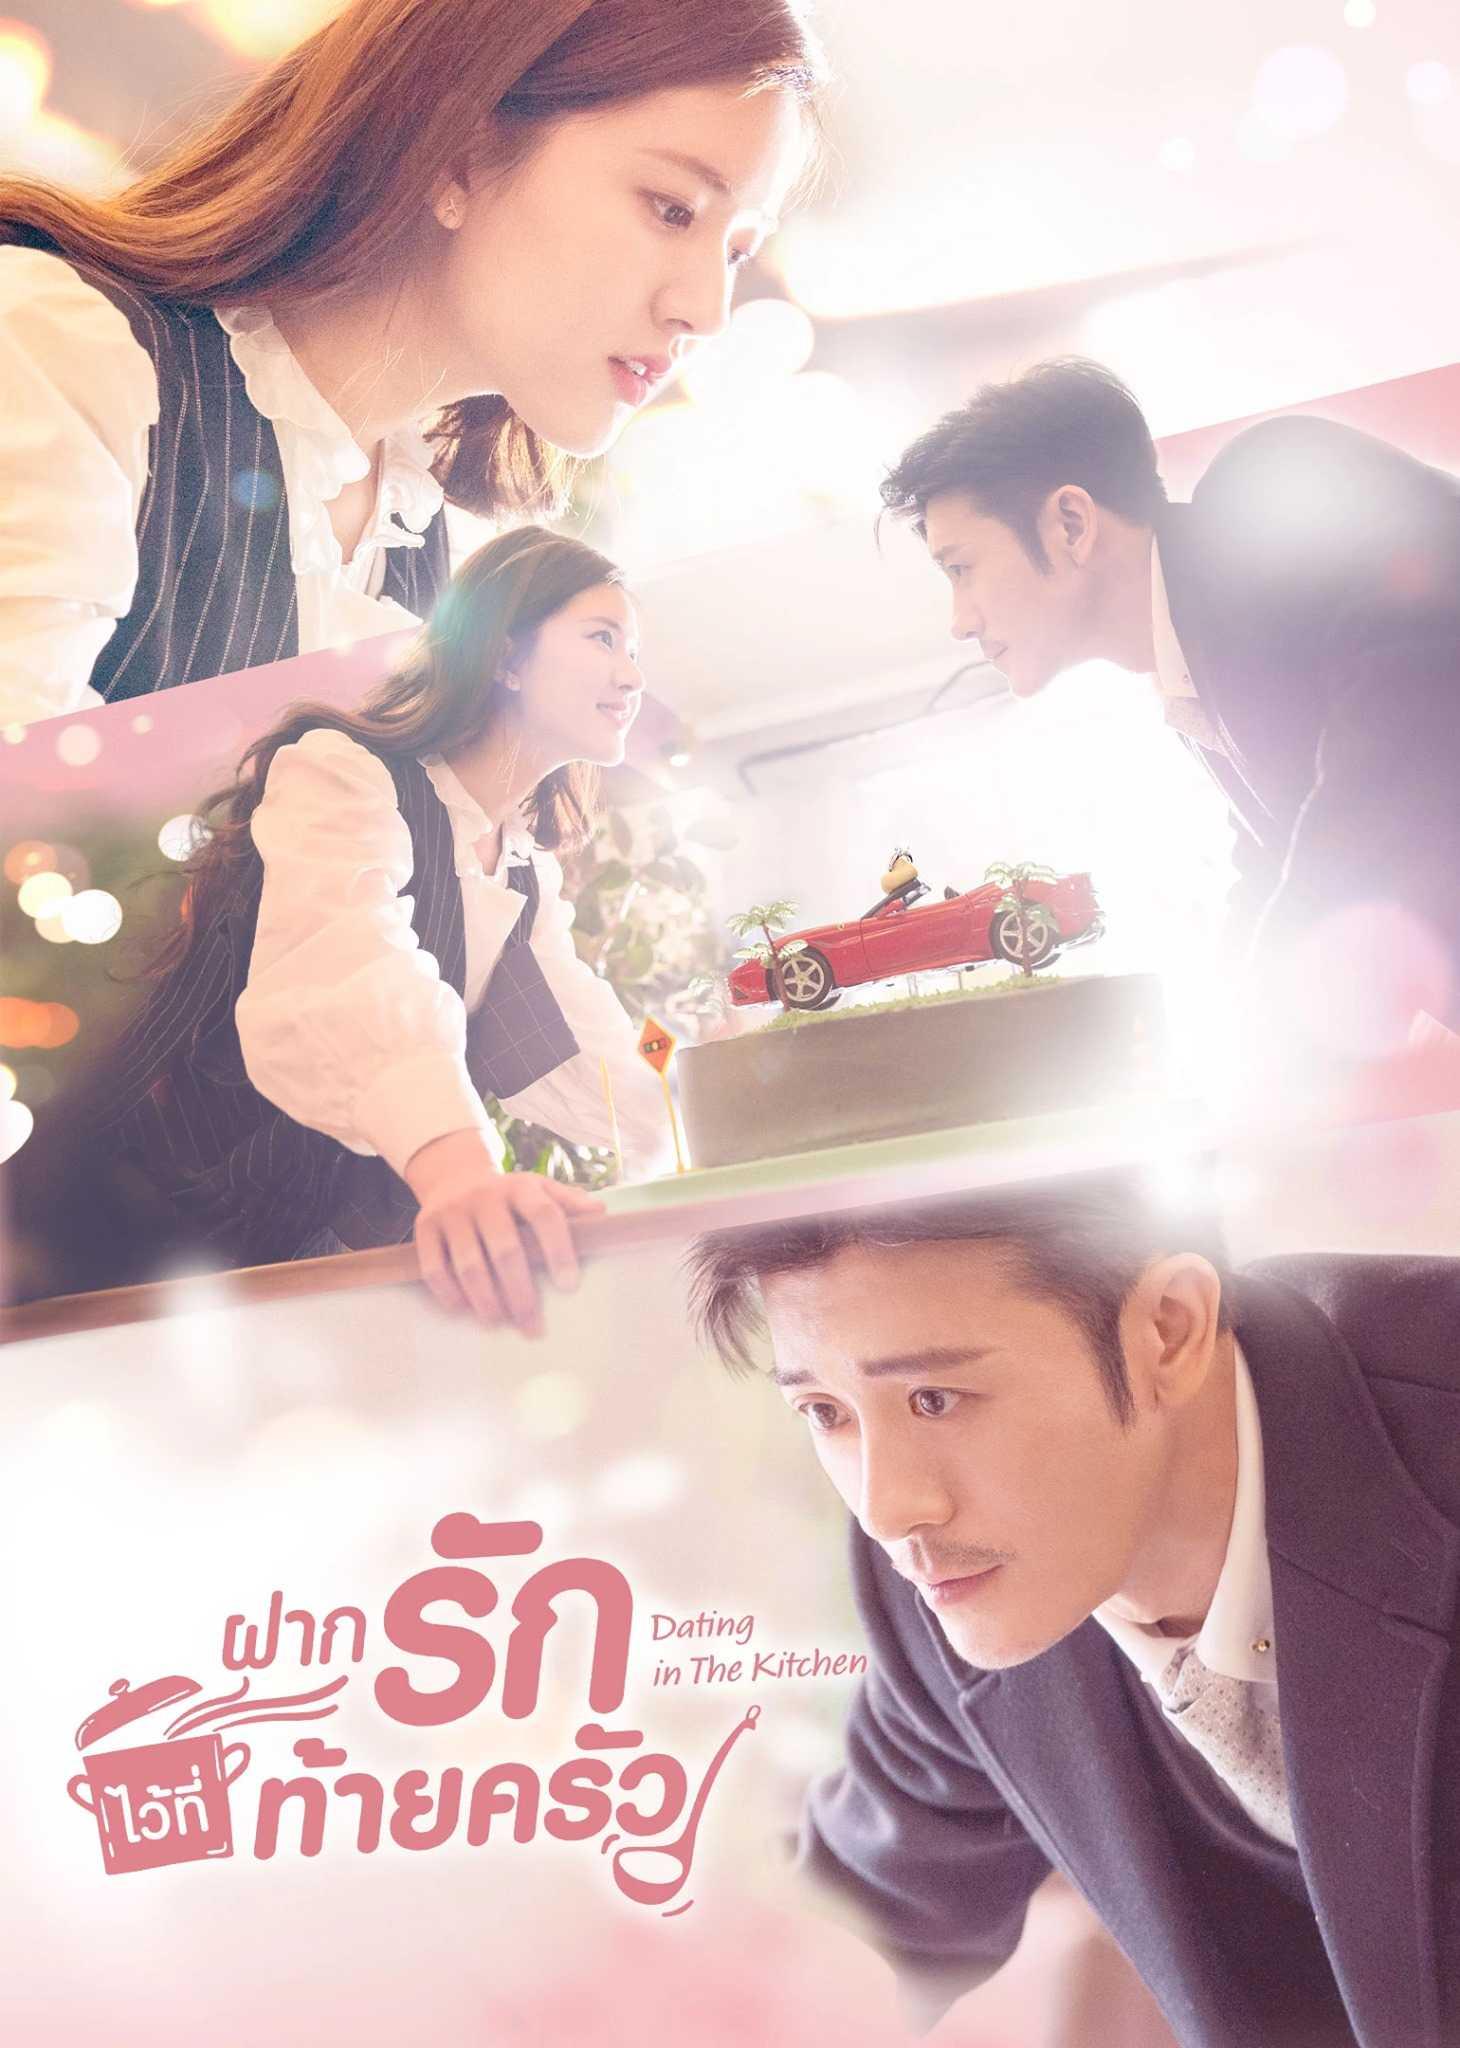 dating-in-the-kitchen-ฝากรักไว้ที่ท้ายครัว-2020-ตอนที่-1-24-พากย์ไทย-จบ-